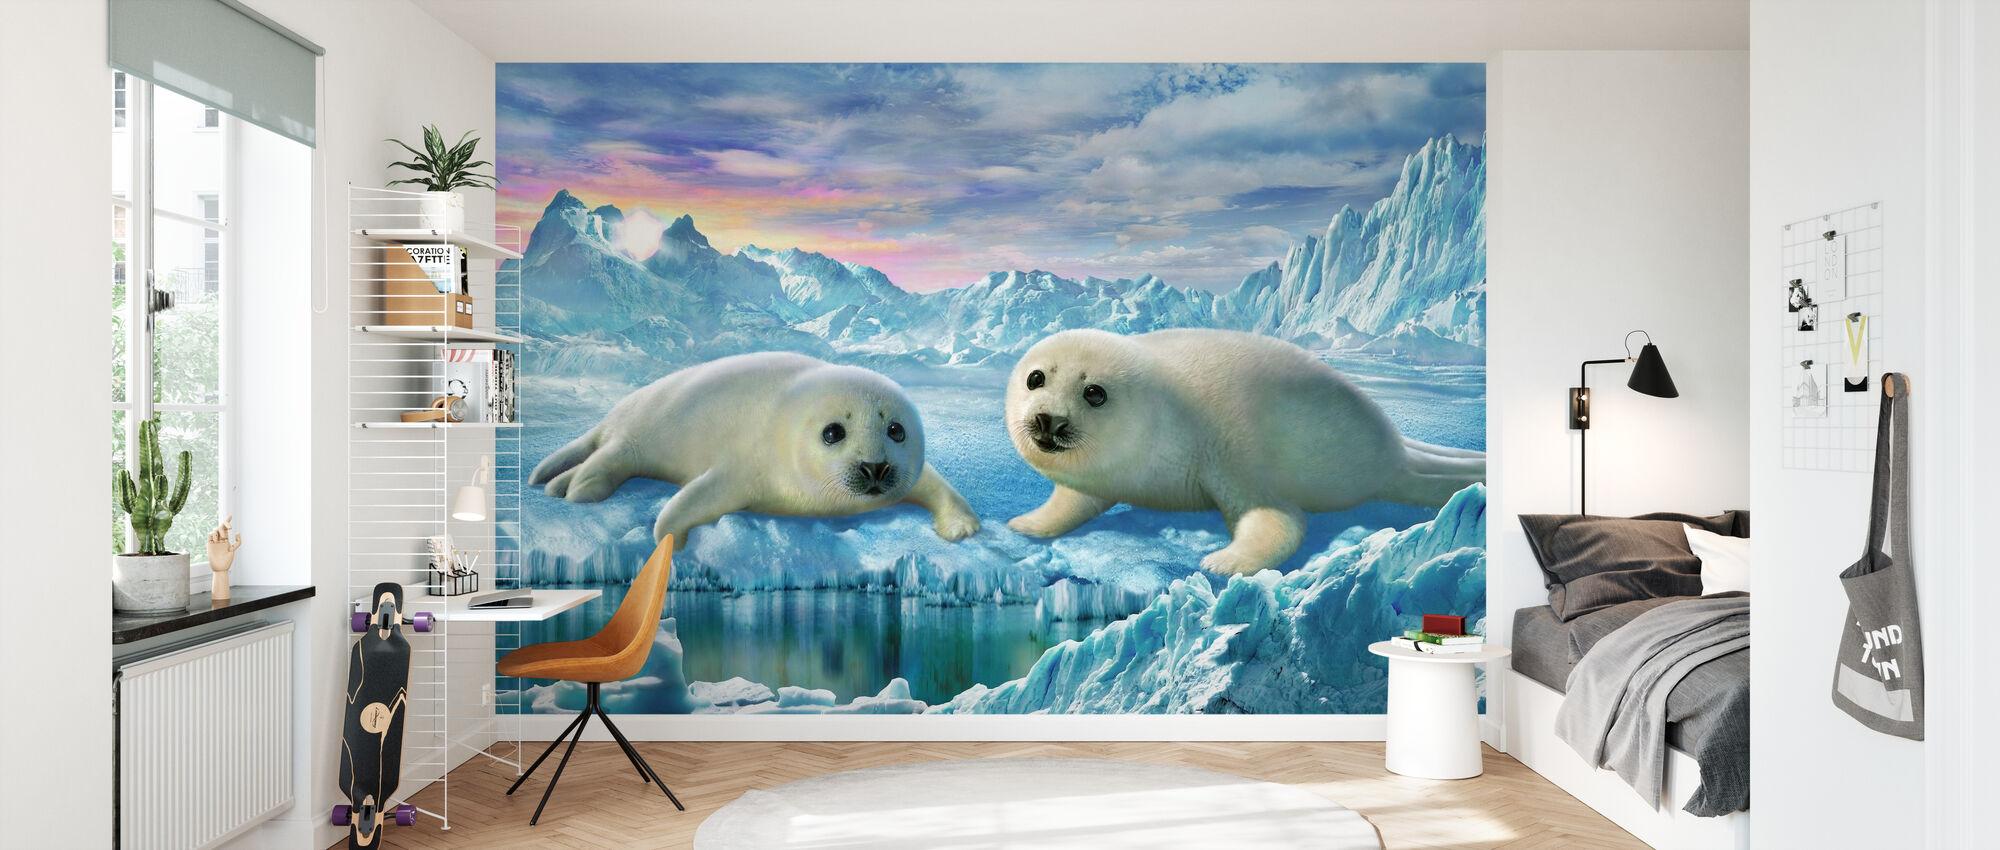 Cuccioli Seal - Carta da parati - Camera dei bambini